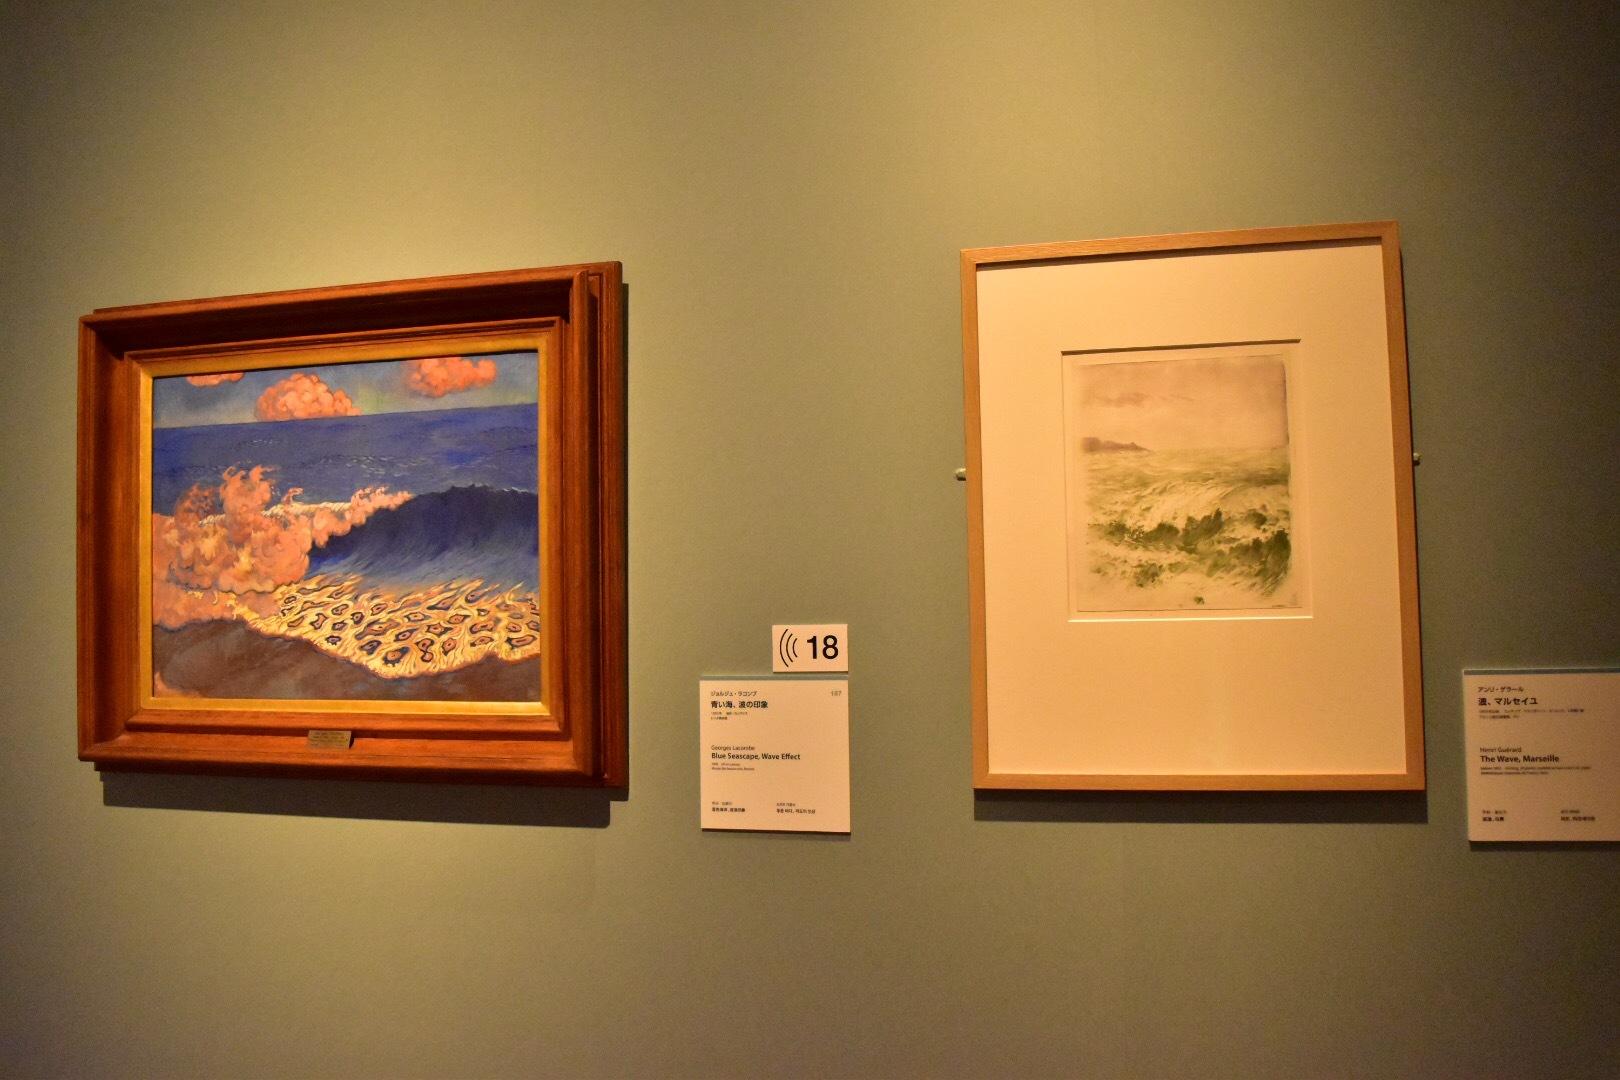 左:ジョルジュ・ラコンブ《青い海、波の印象》1893年 レンヌ美術館 右:アンリ・ゲラール《波、マルセイユ》1893年以前 フランス国立図書館、パリ